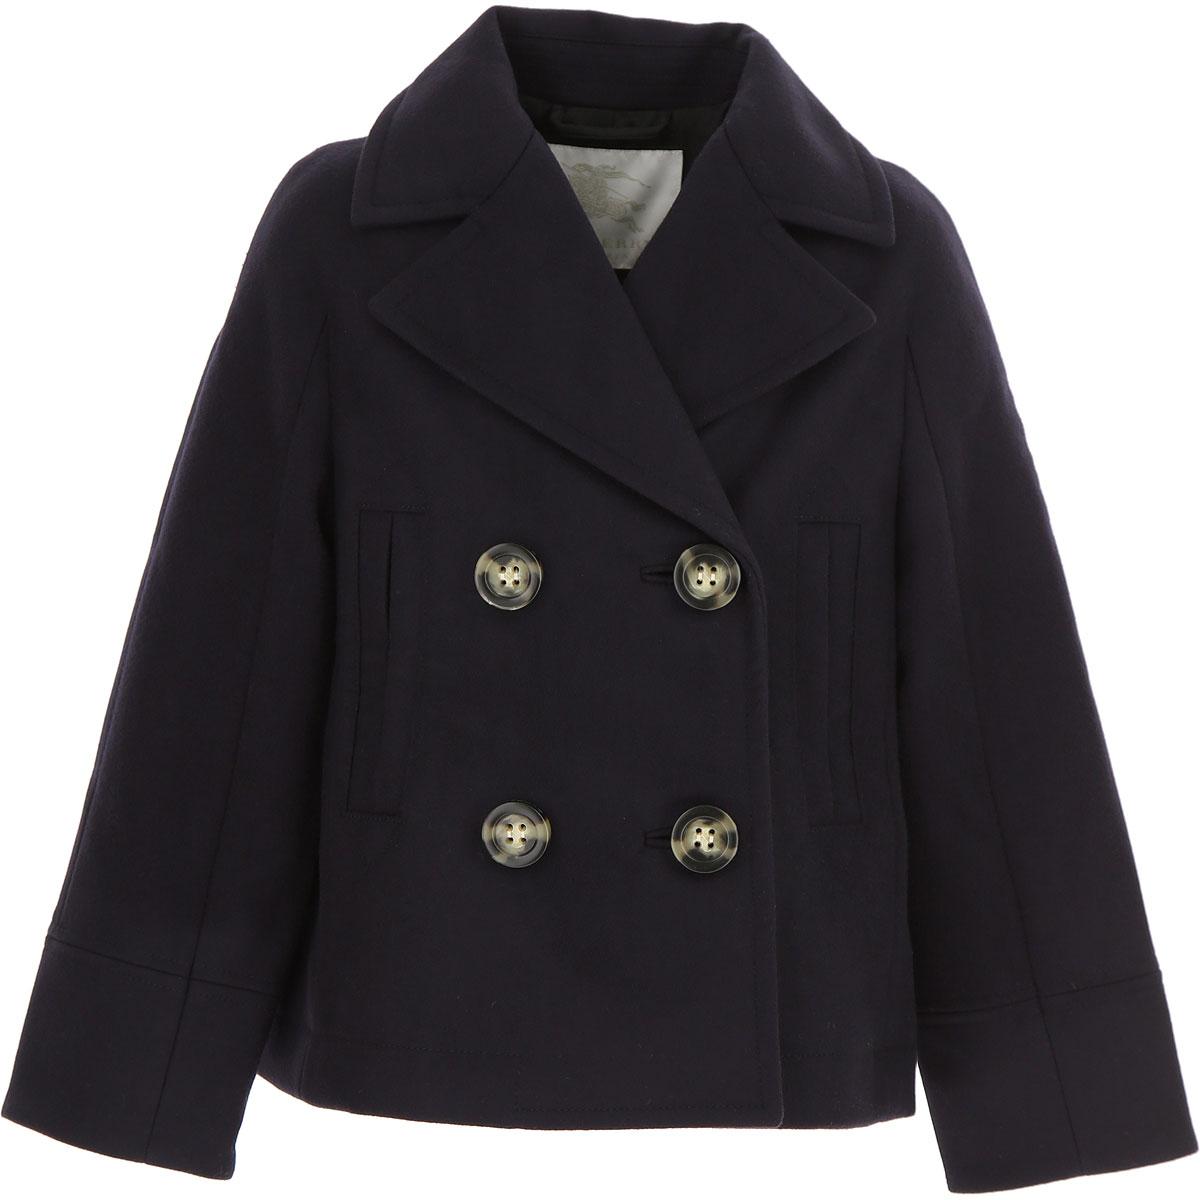 Image of Burberry {DESIGNER} Kids Coat for Girls, navy, Wool, 2017, 10Y 14Y 8Y